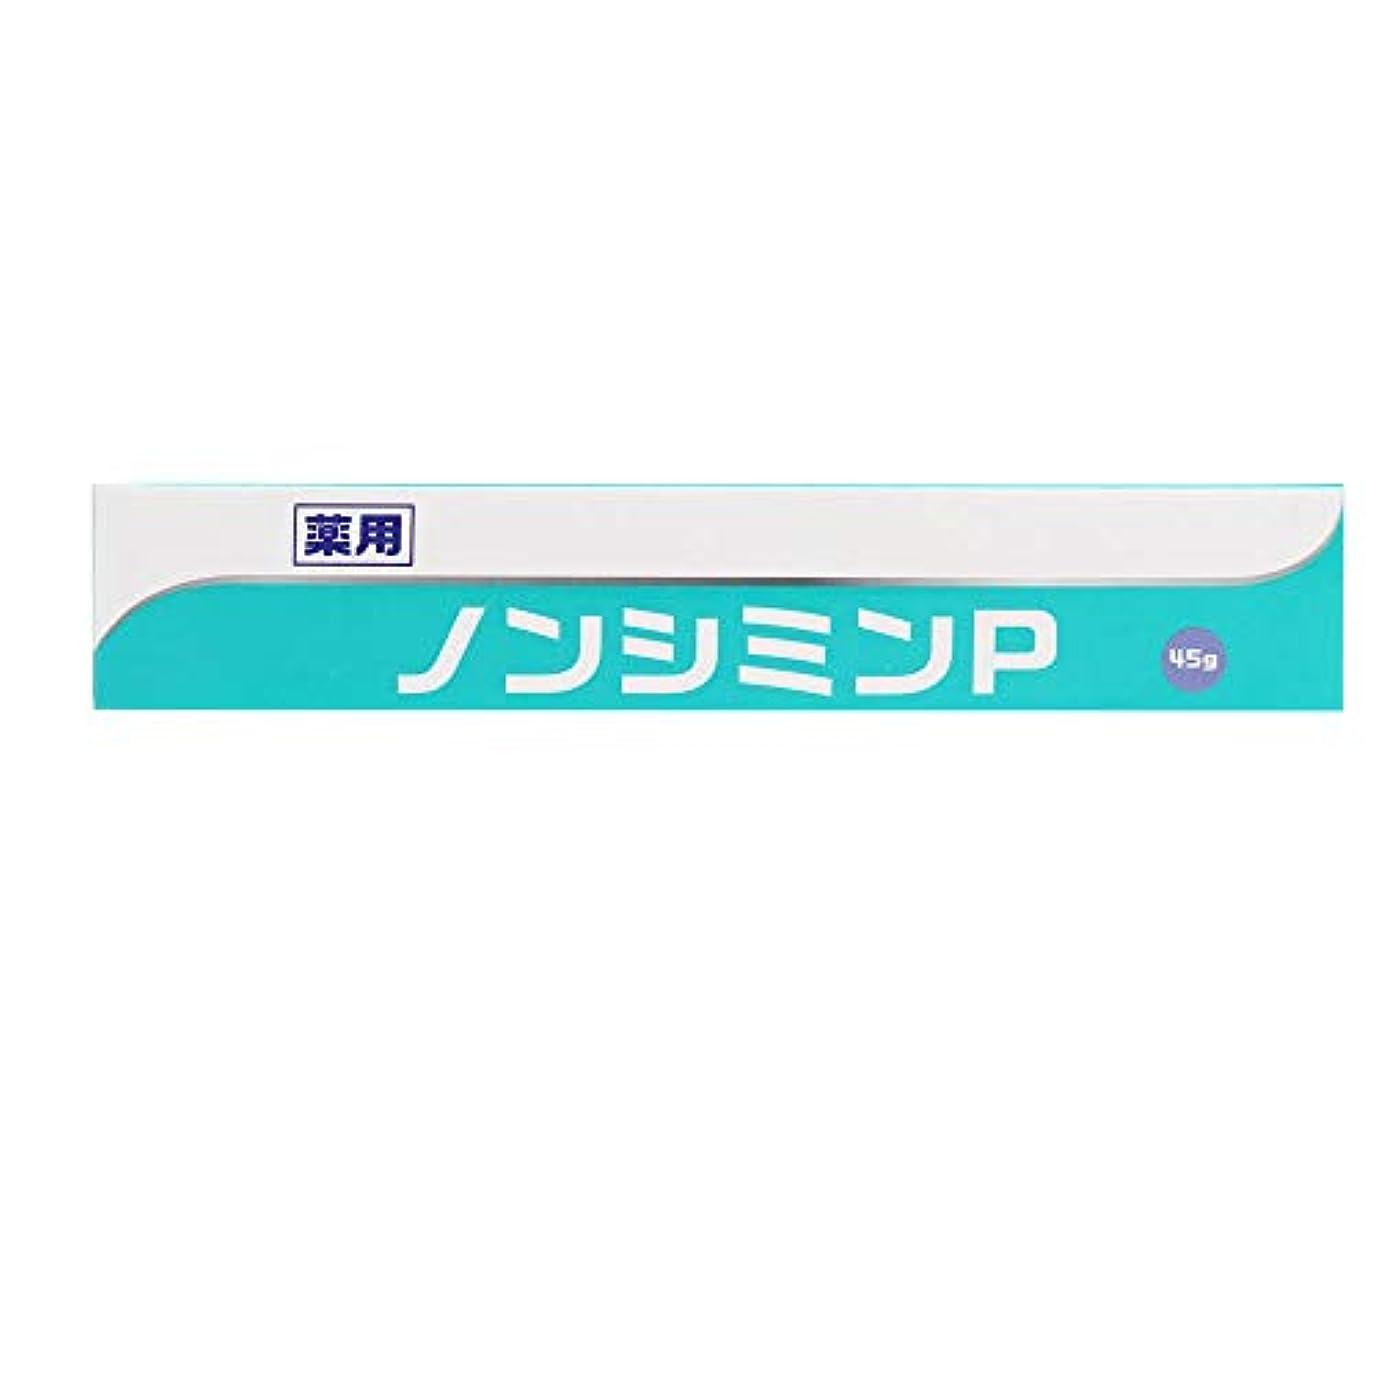 憂慮すべき隔離するシーフード薬用ノンシミンP 45g ジェルタイプ 医薬部外品